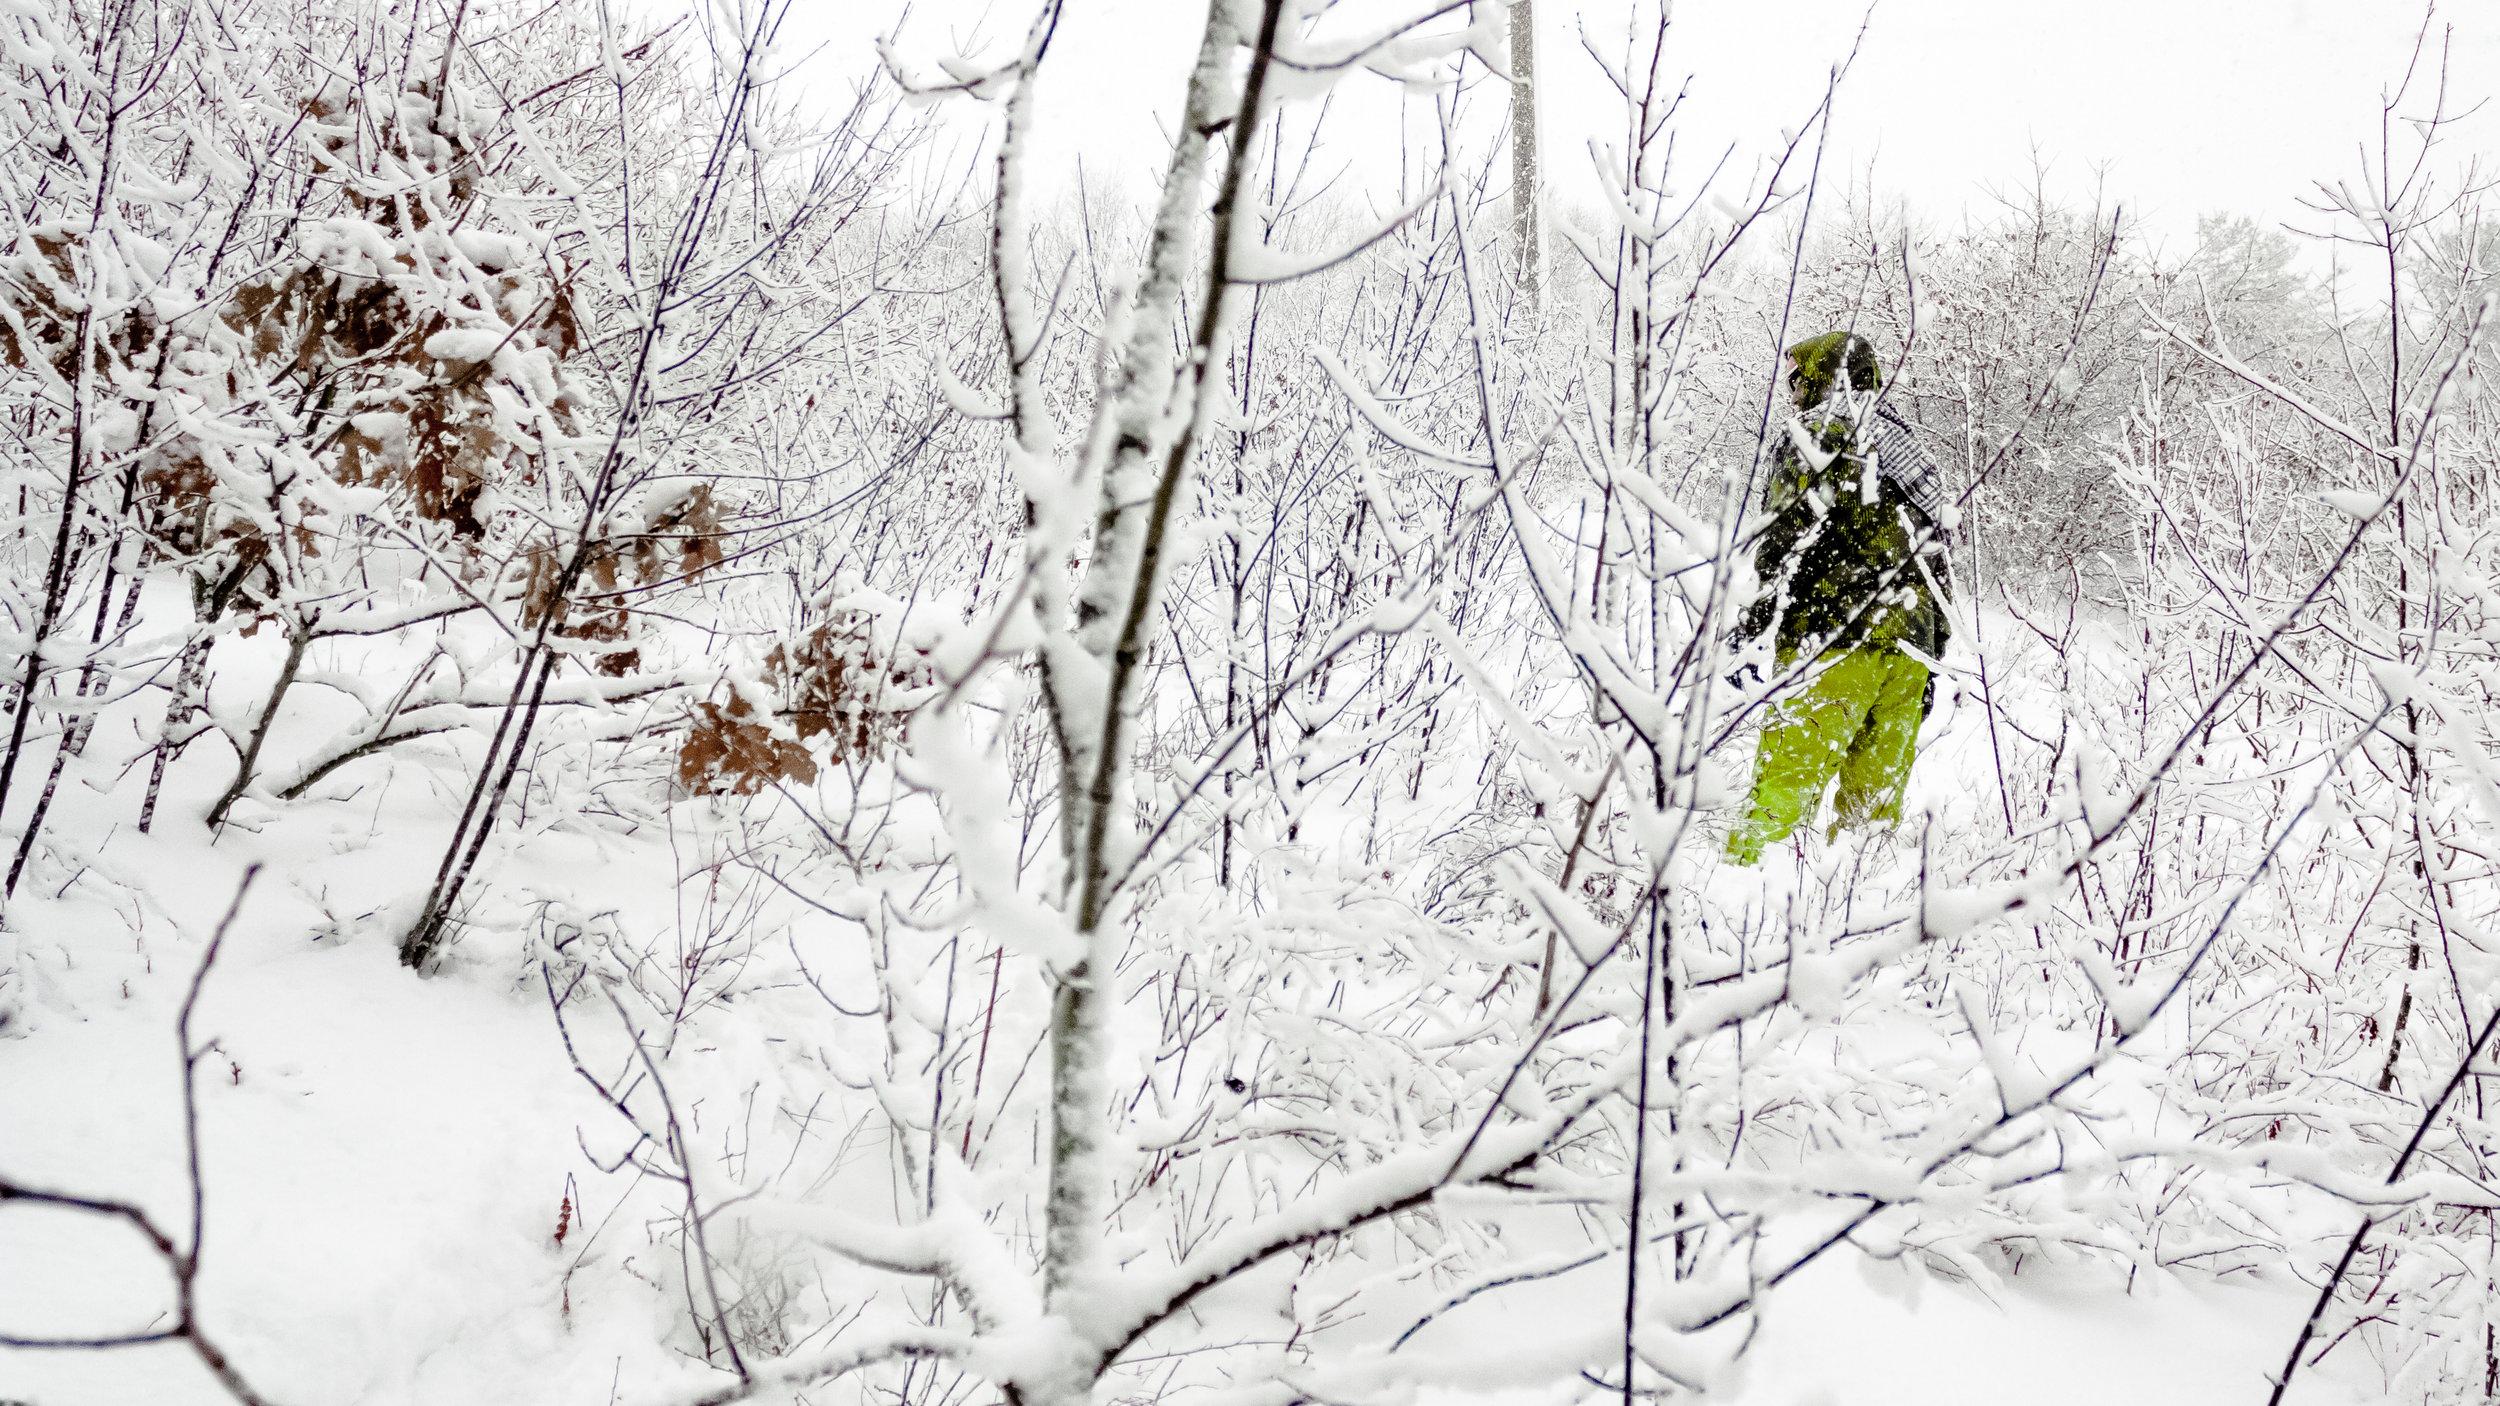 Winter Snow Shaker Glen-10.jpg